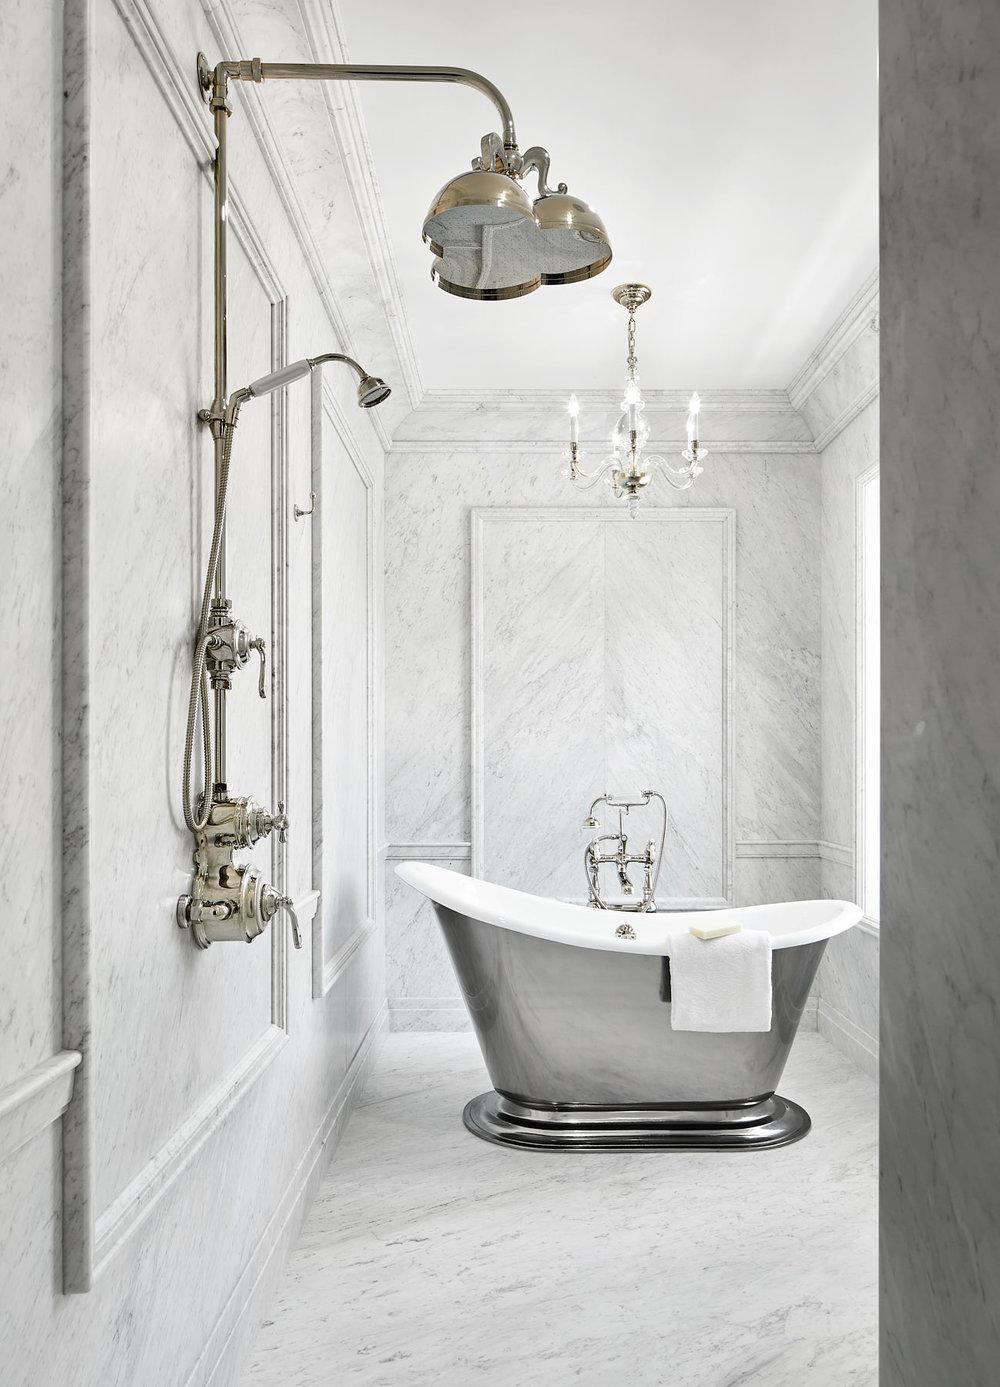 077-Drummonds-Baths.jpg